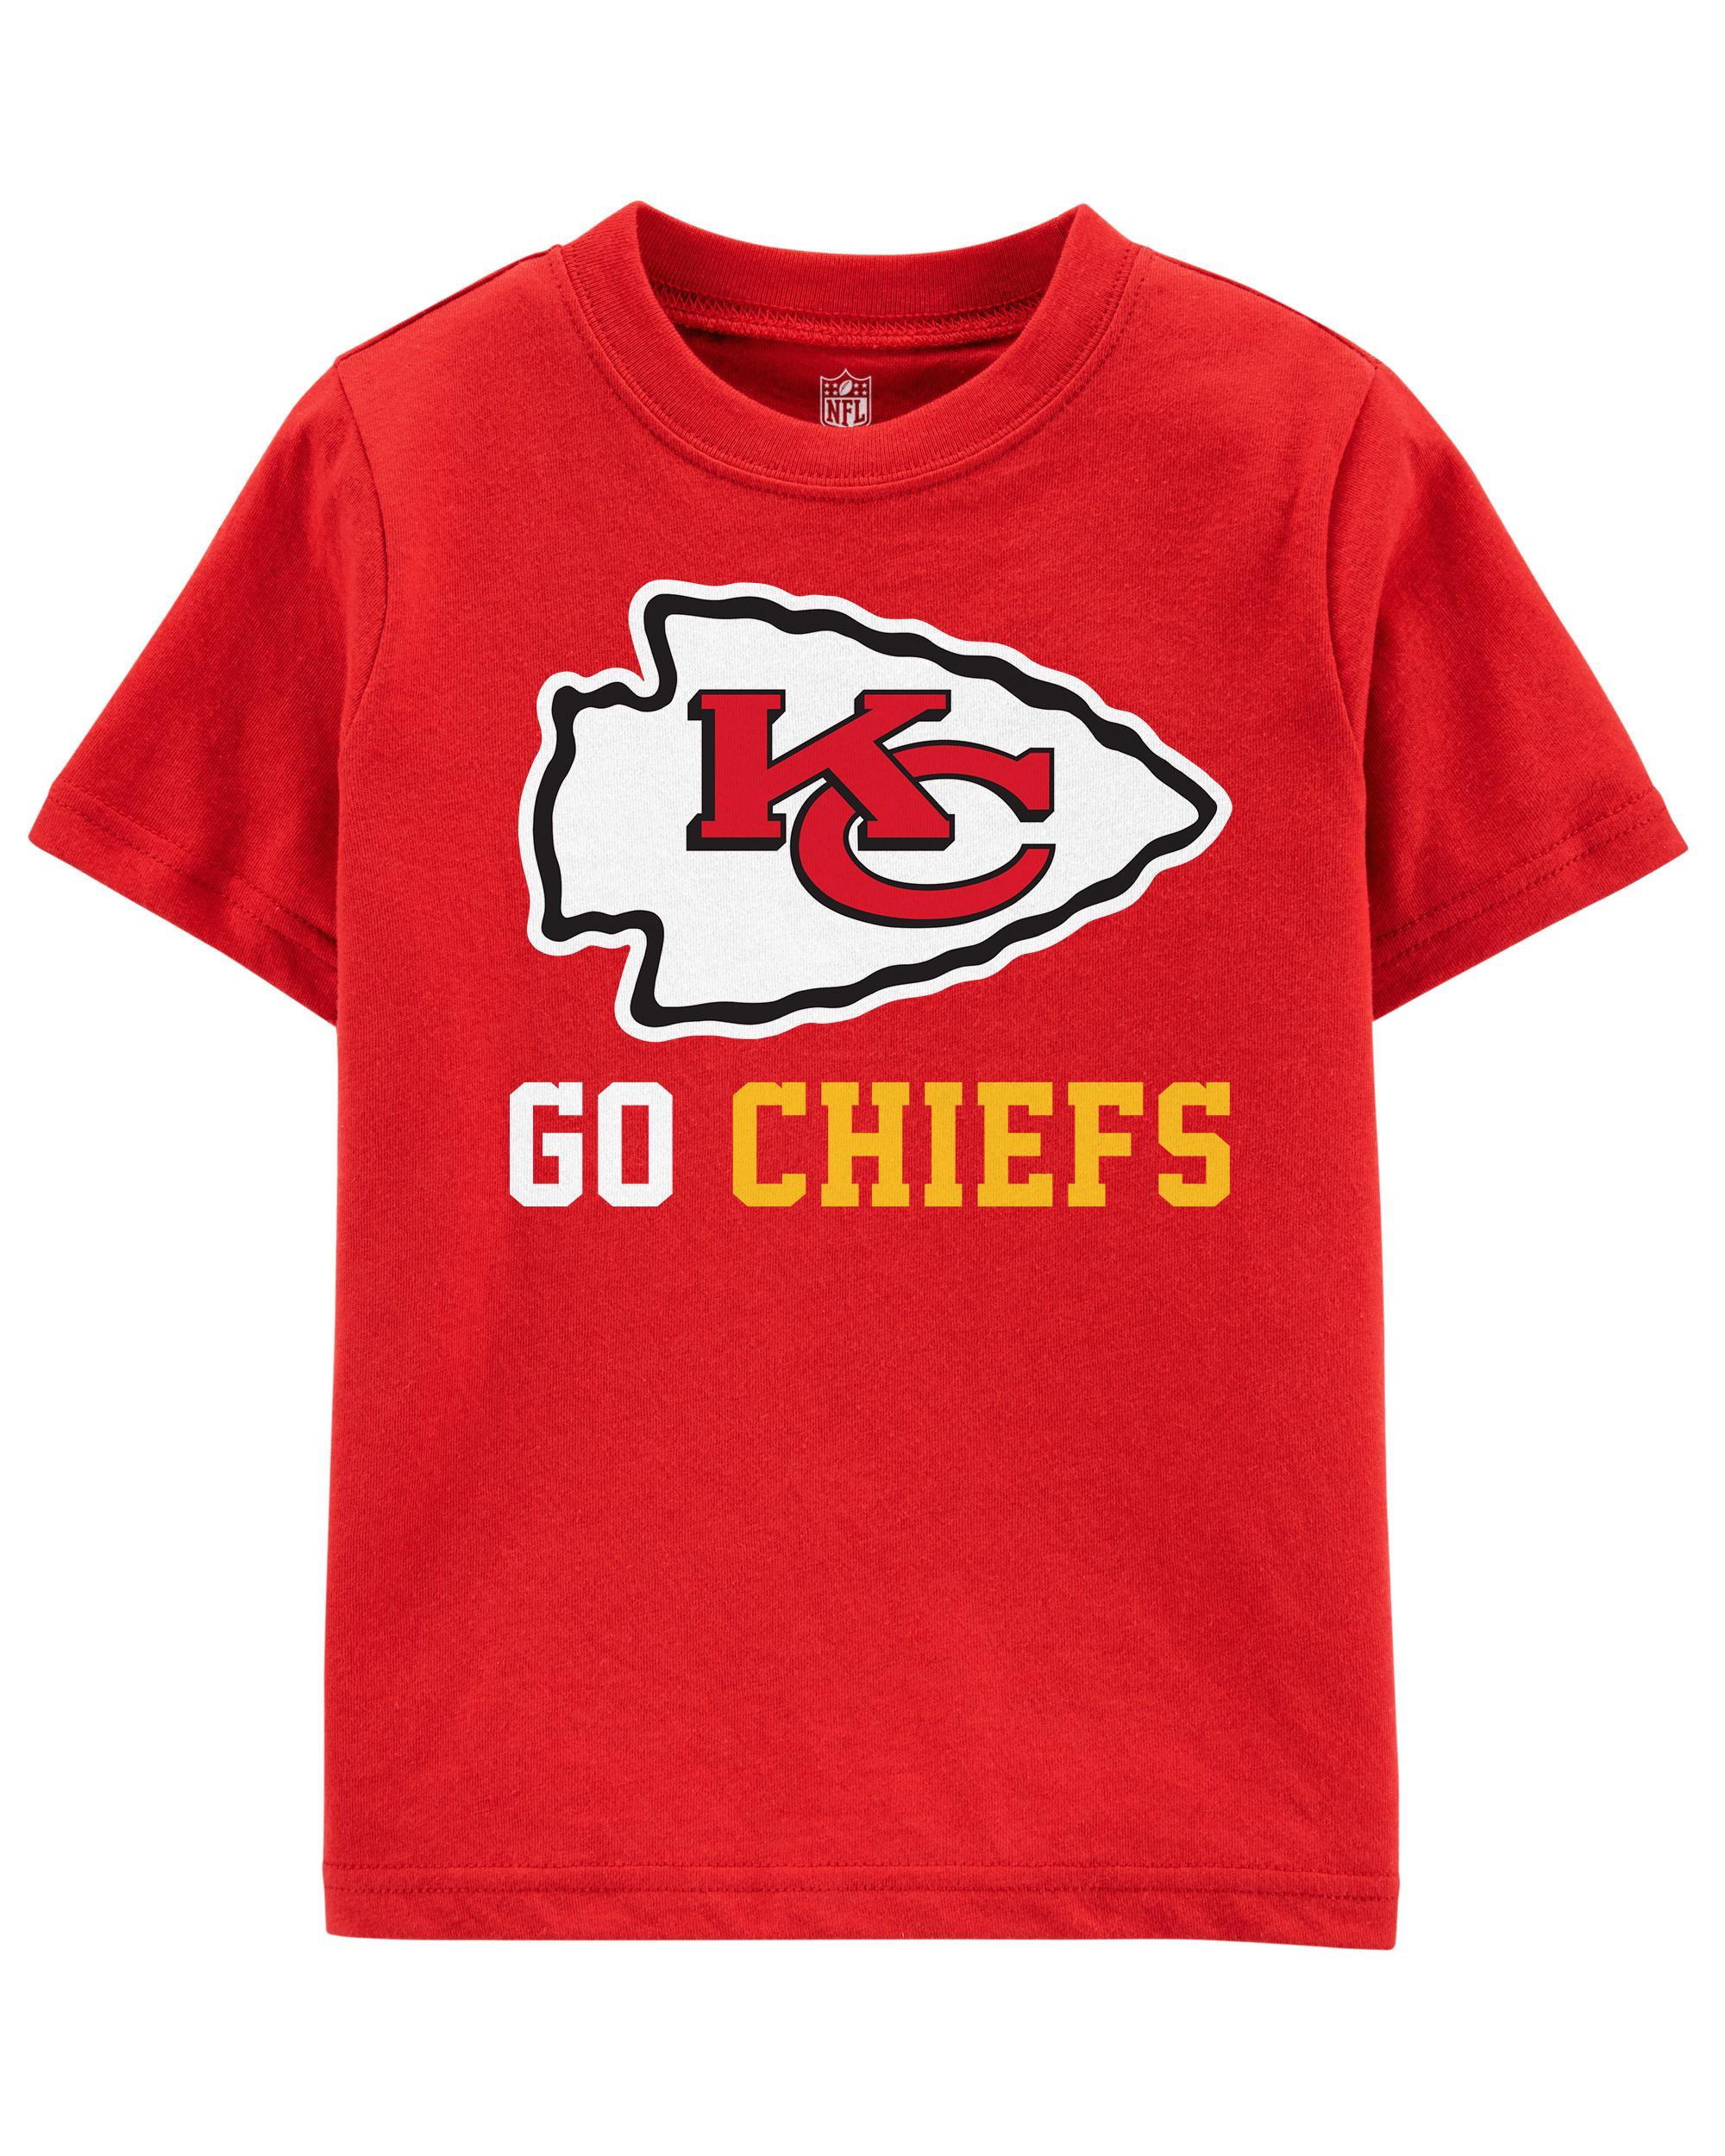 21425a3a NFL Kansas City Chiefs Tee   oshkosh.com